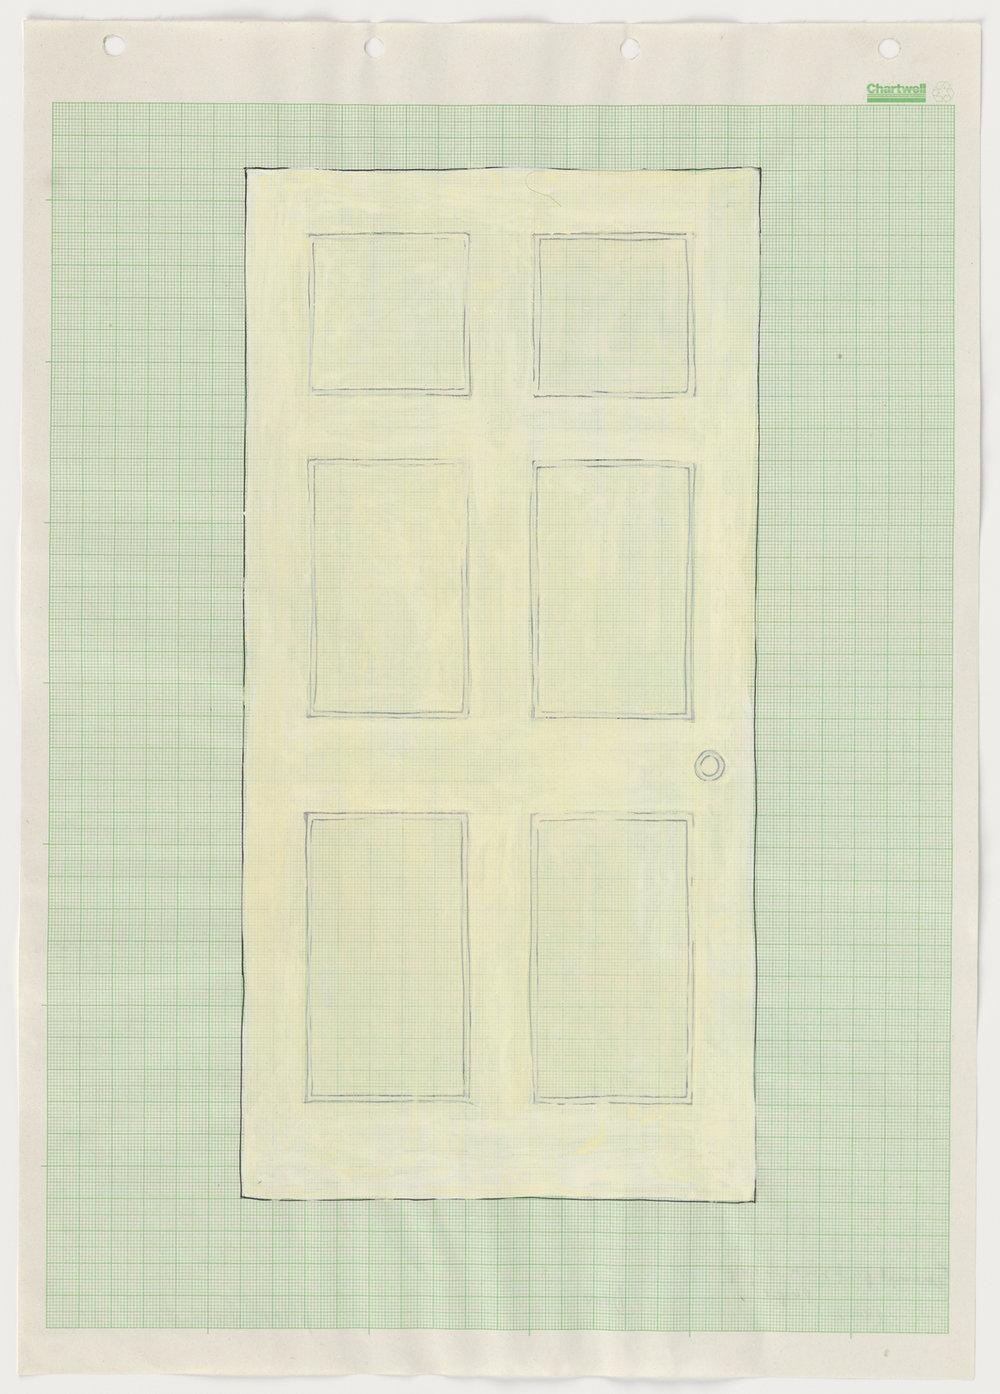 Rachel Whiteread Drawings, Door